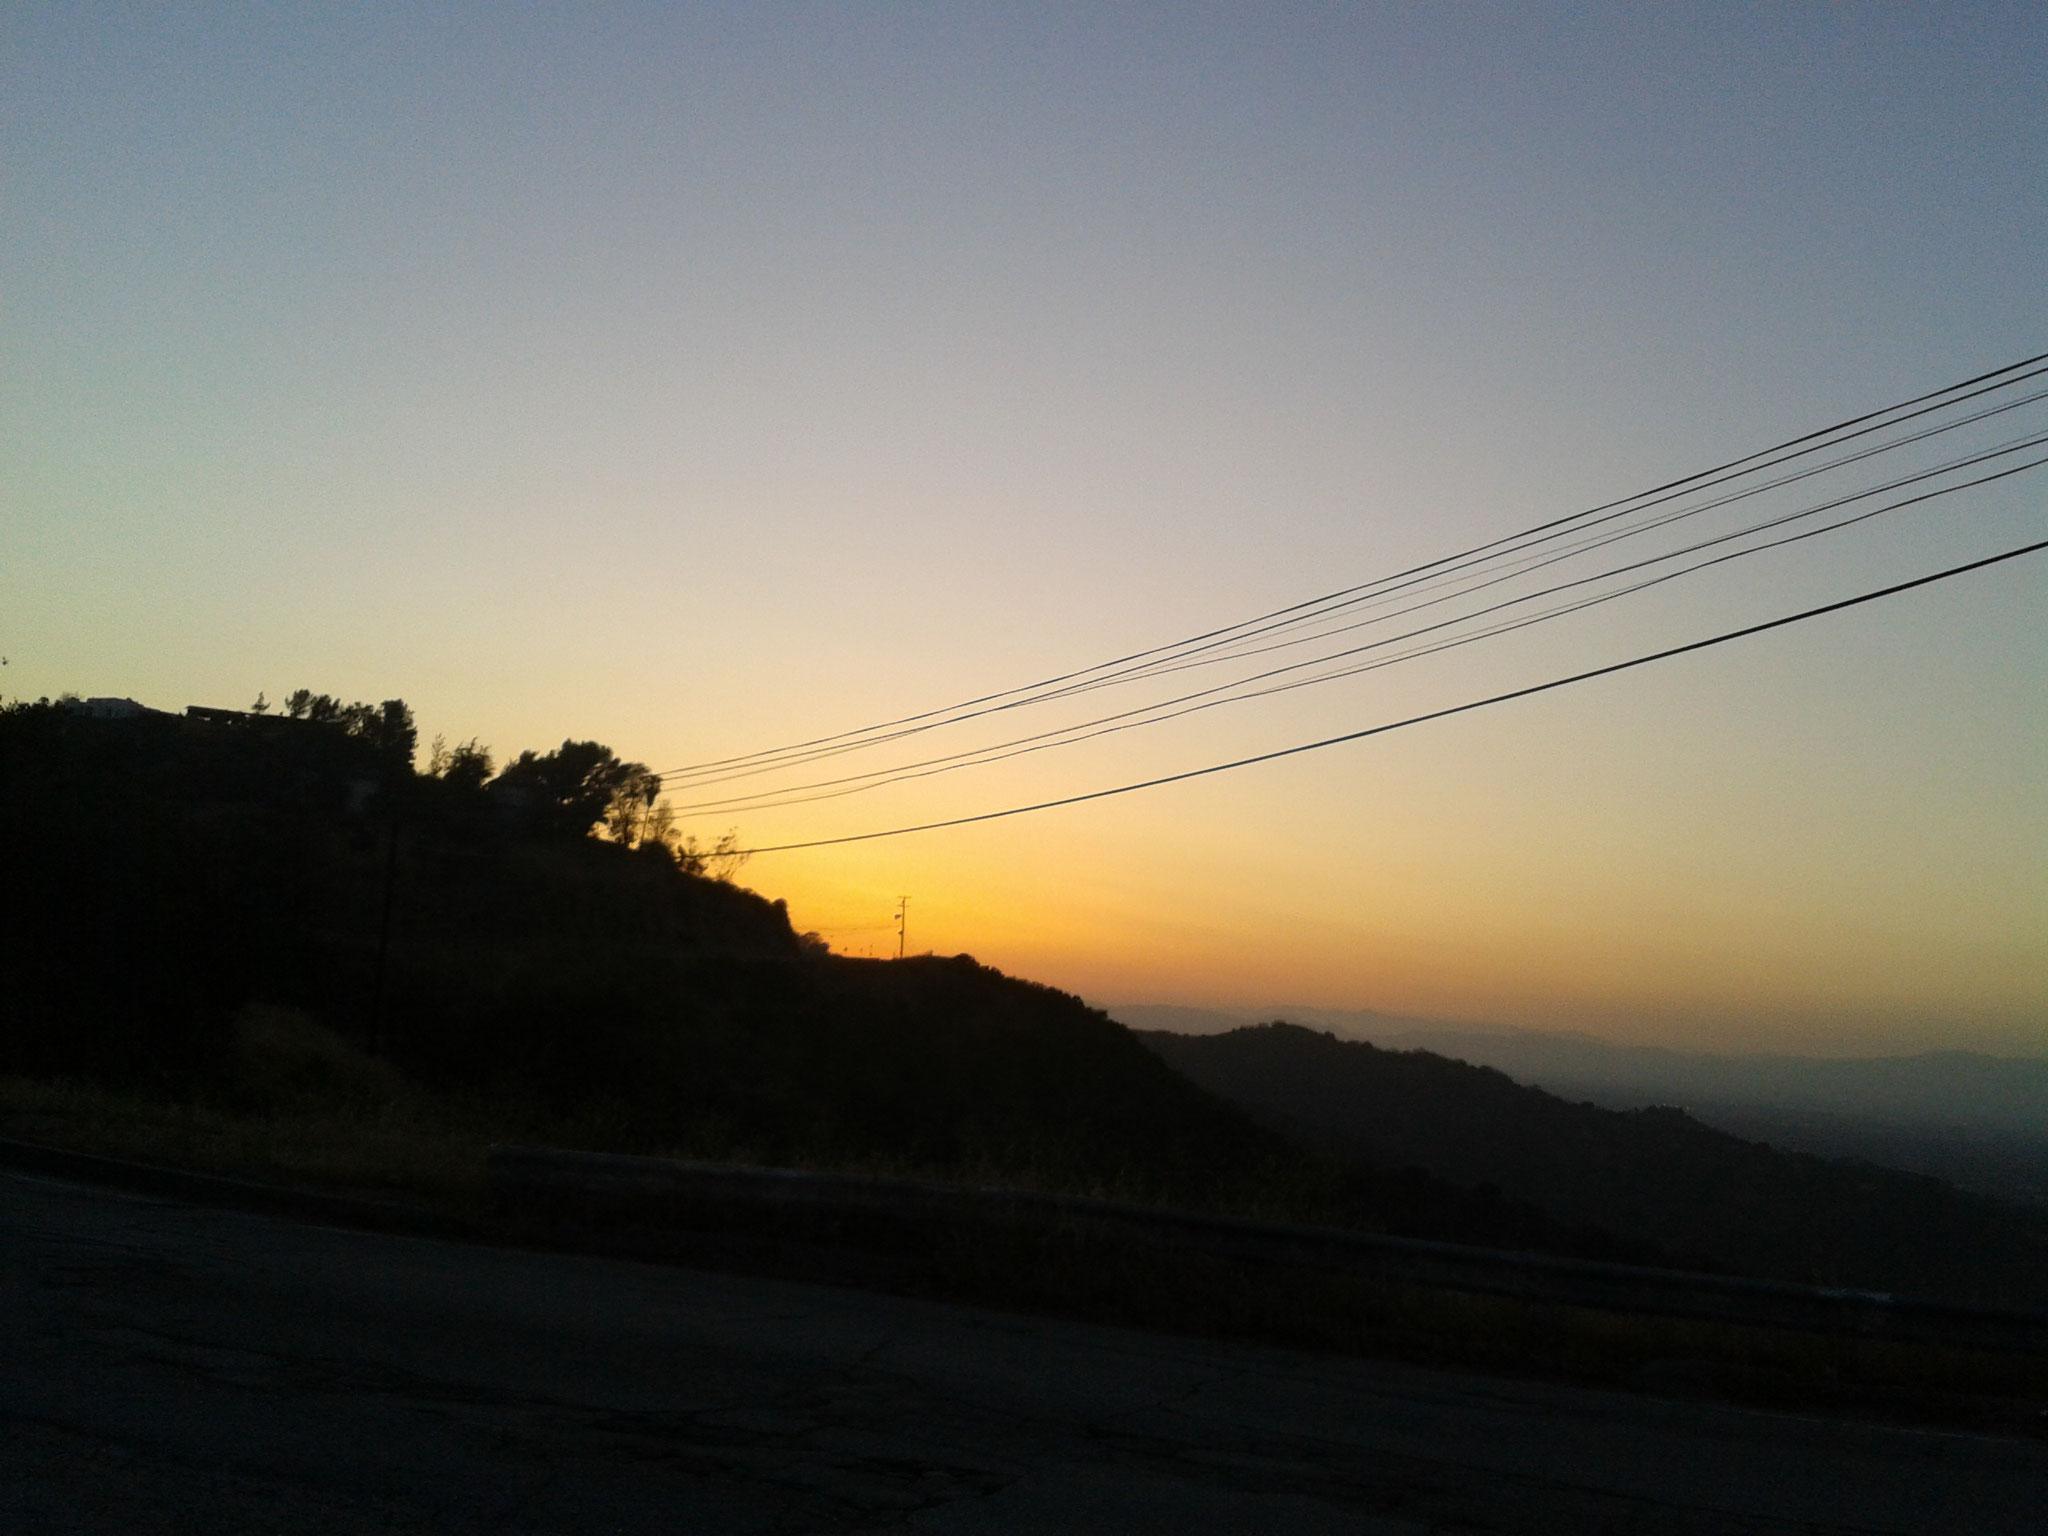 Coucher de soleil sur Mulholand Drive